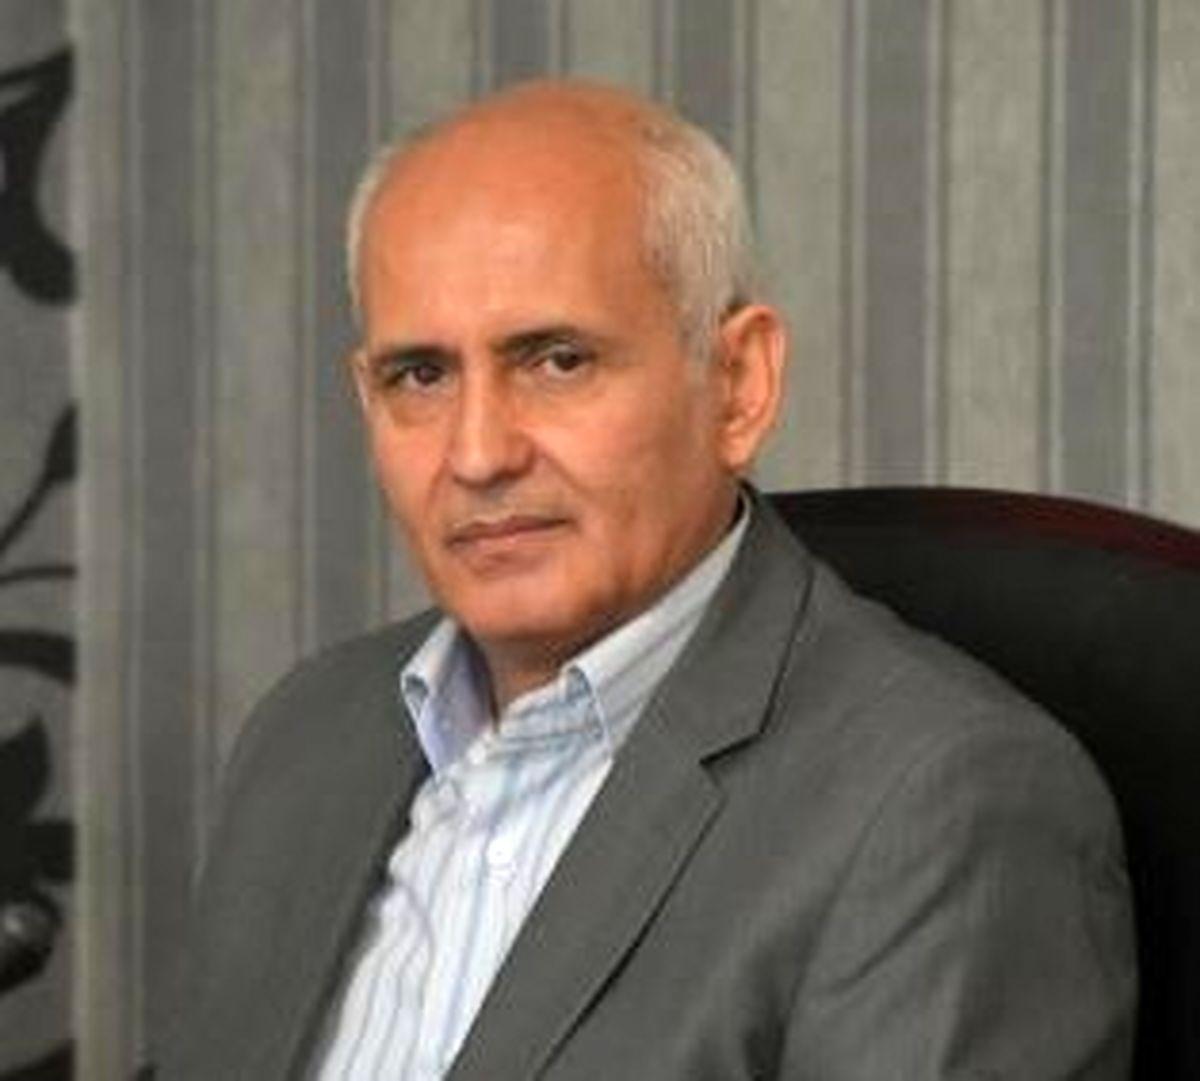 انتصاب قدیمی و پویان شاد به سمت معاونت برنامه ریزی و عملیات بانکی بانک ایران زمین